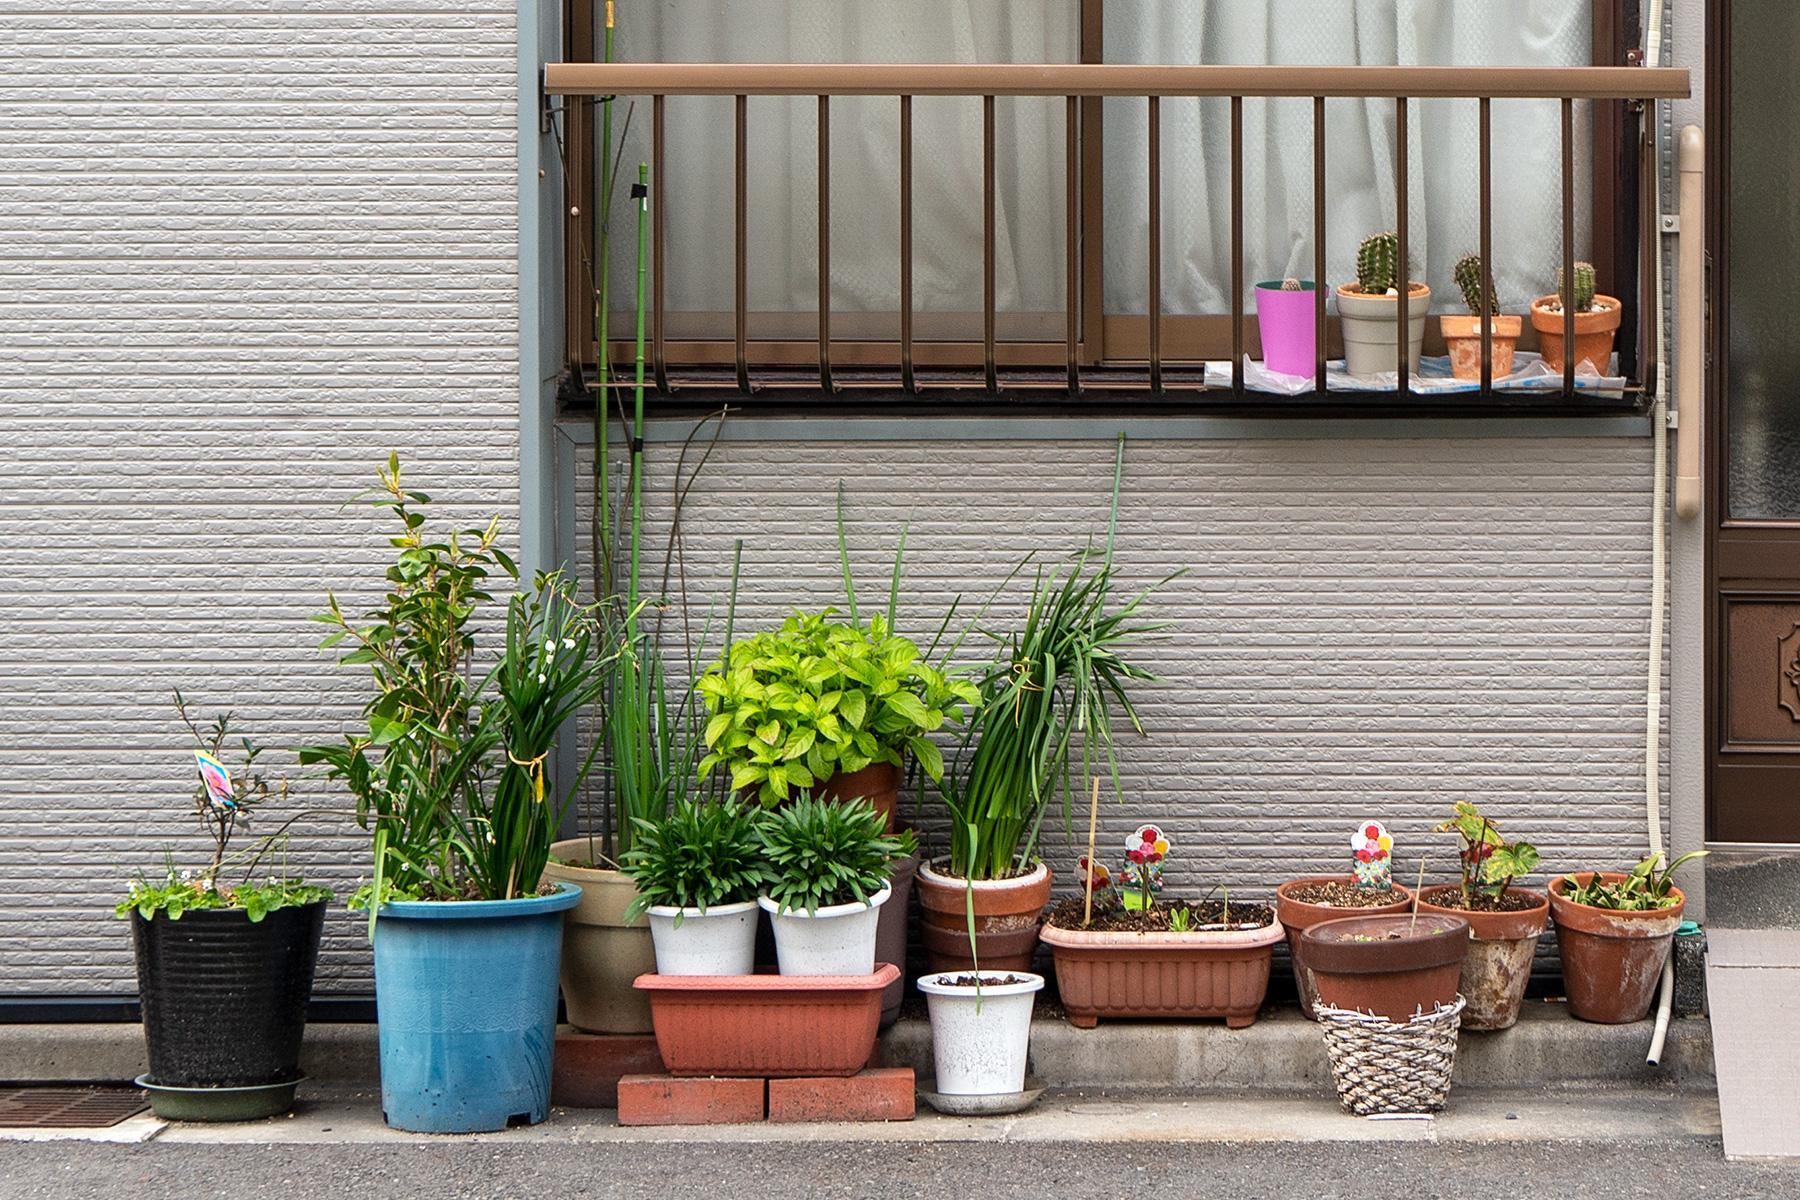 Blumentöpfe vor Haus